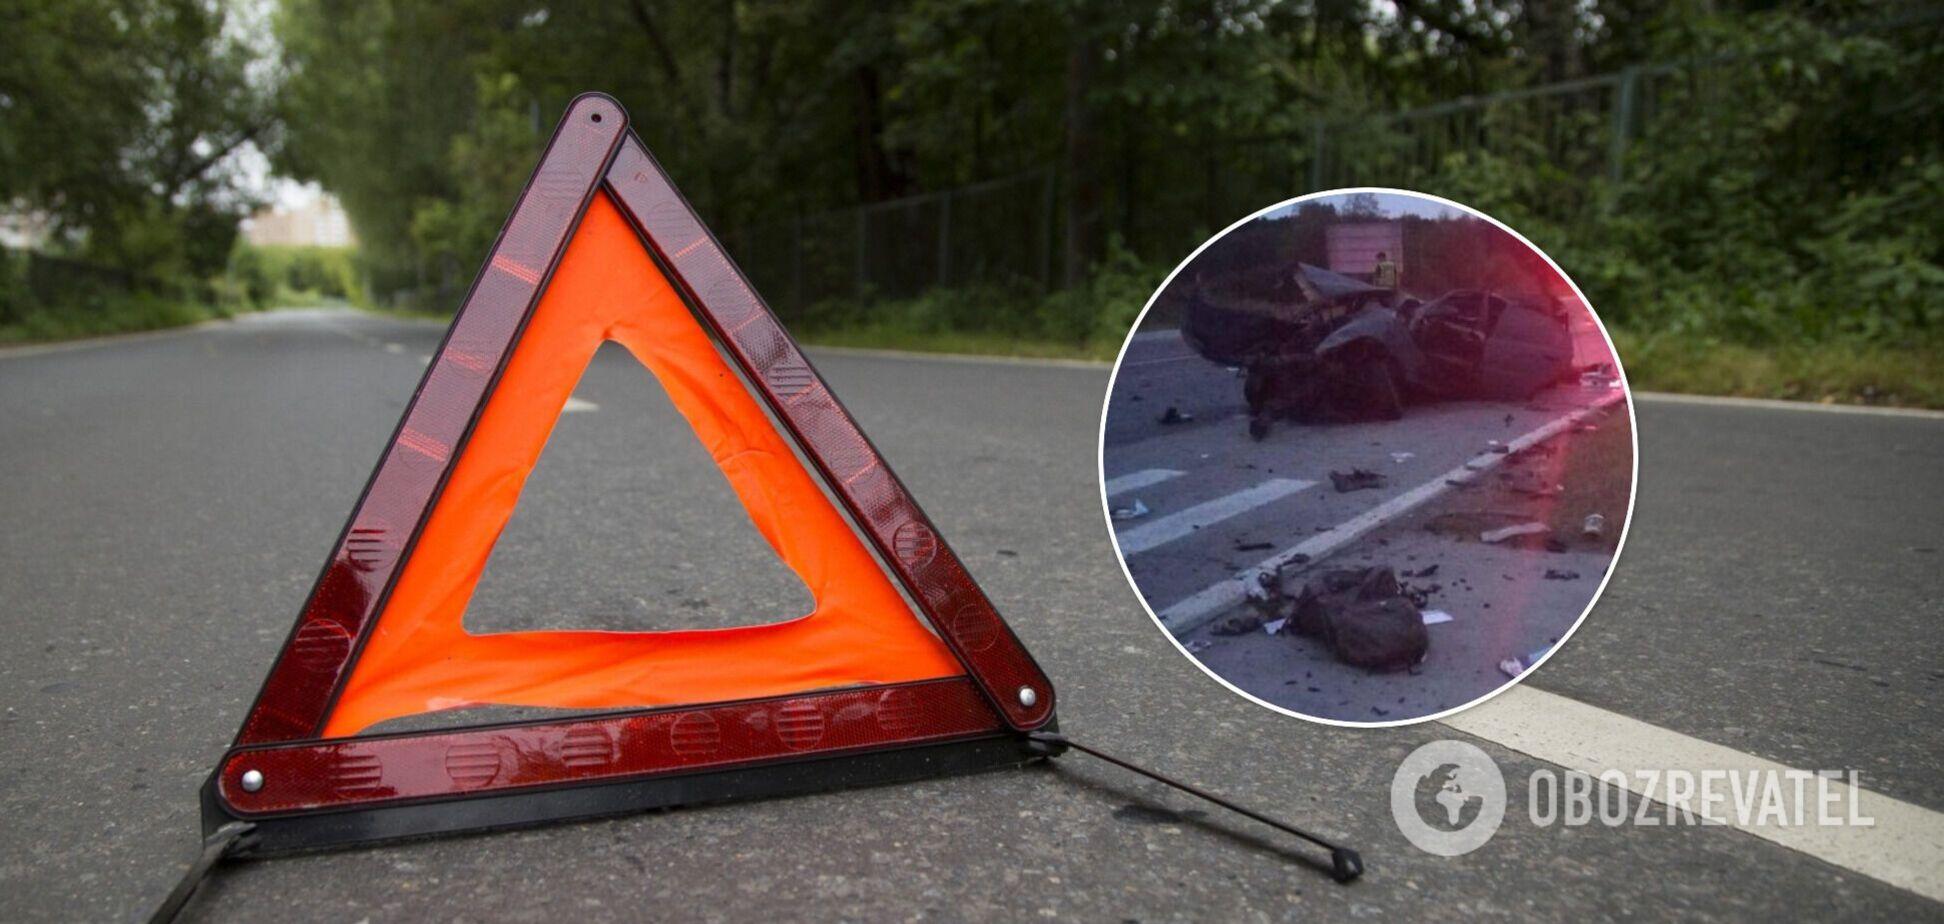 На Житомирщине в ДТП погибли отец и 10-летняя дочь: авто превратилось в груду металла. Фото